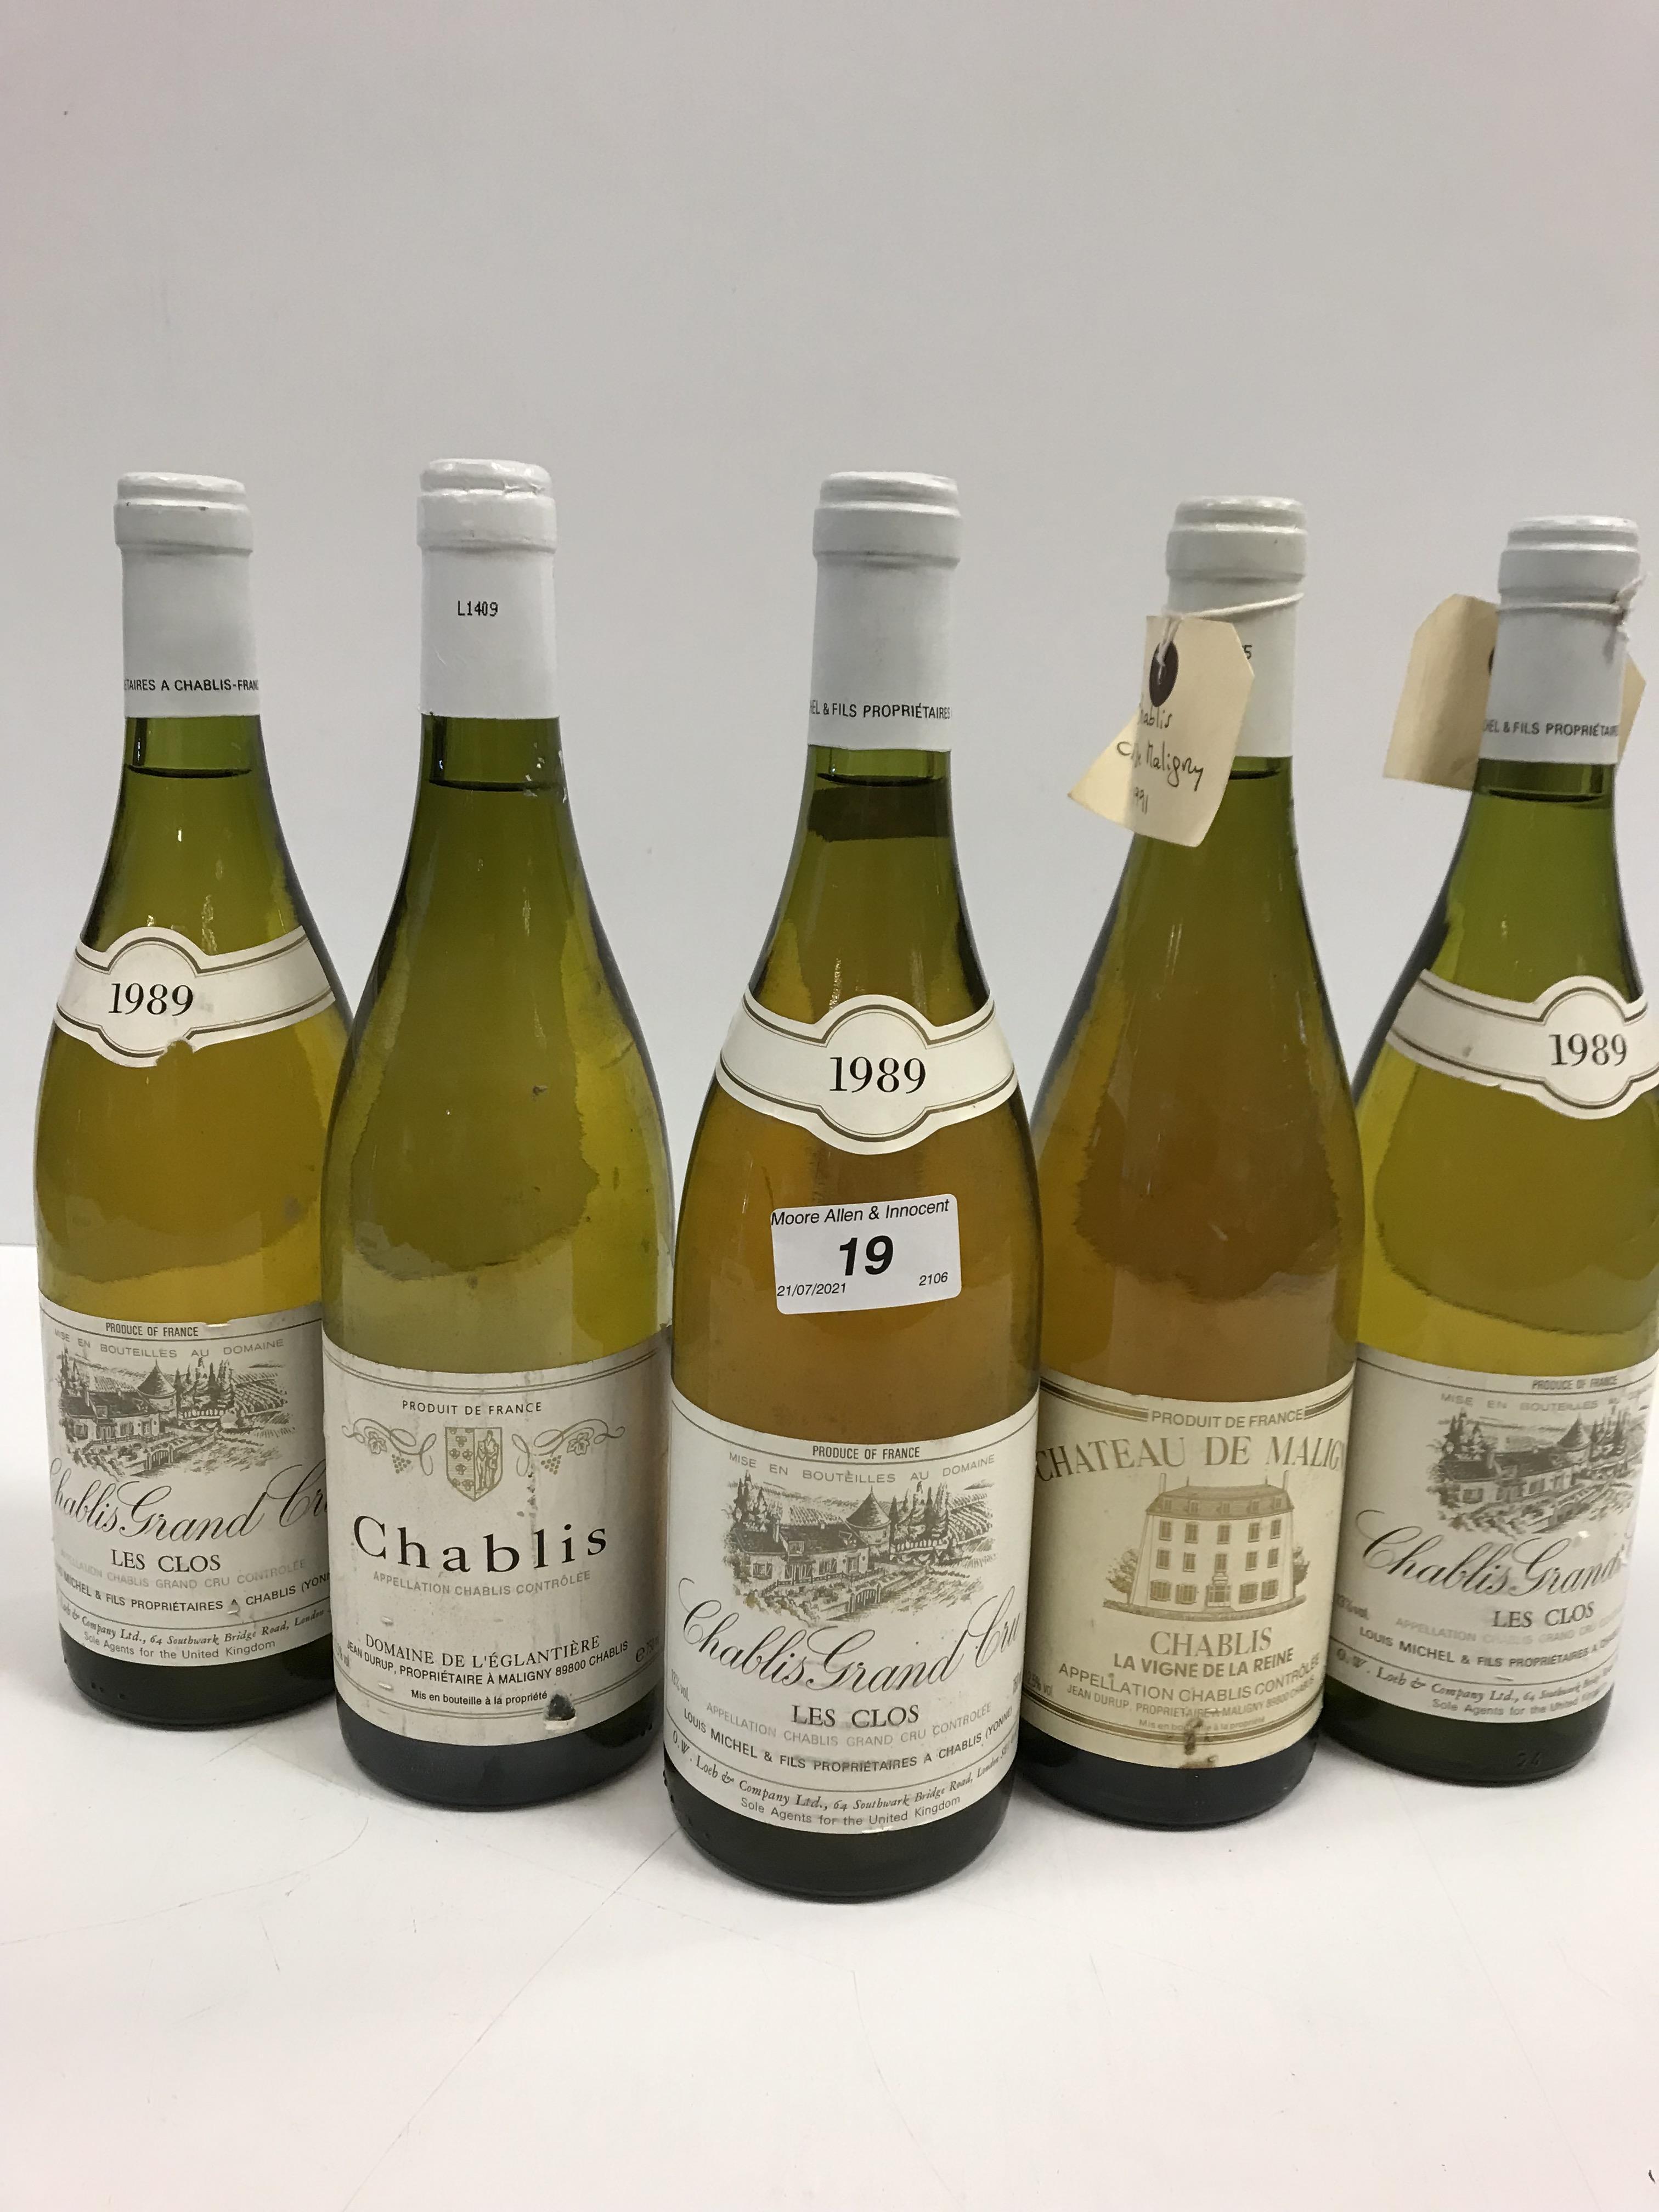 Chablis Grand Cru Les Clos, Louis Michele & Fils 1989 x 5 bottles